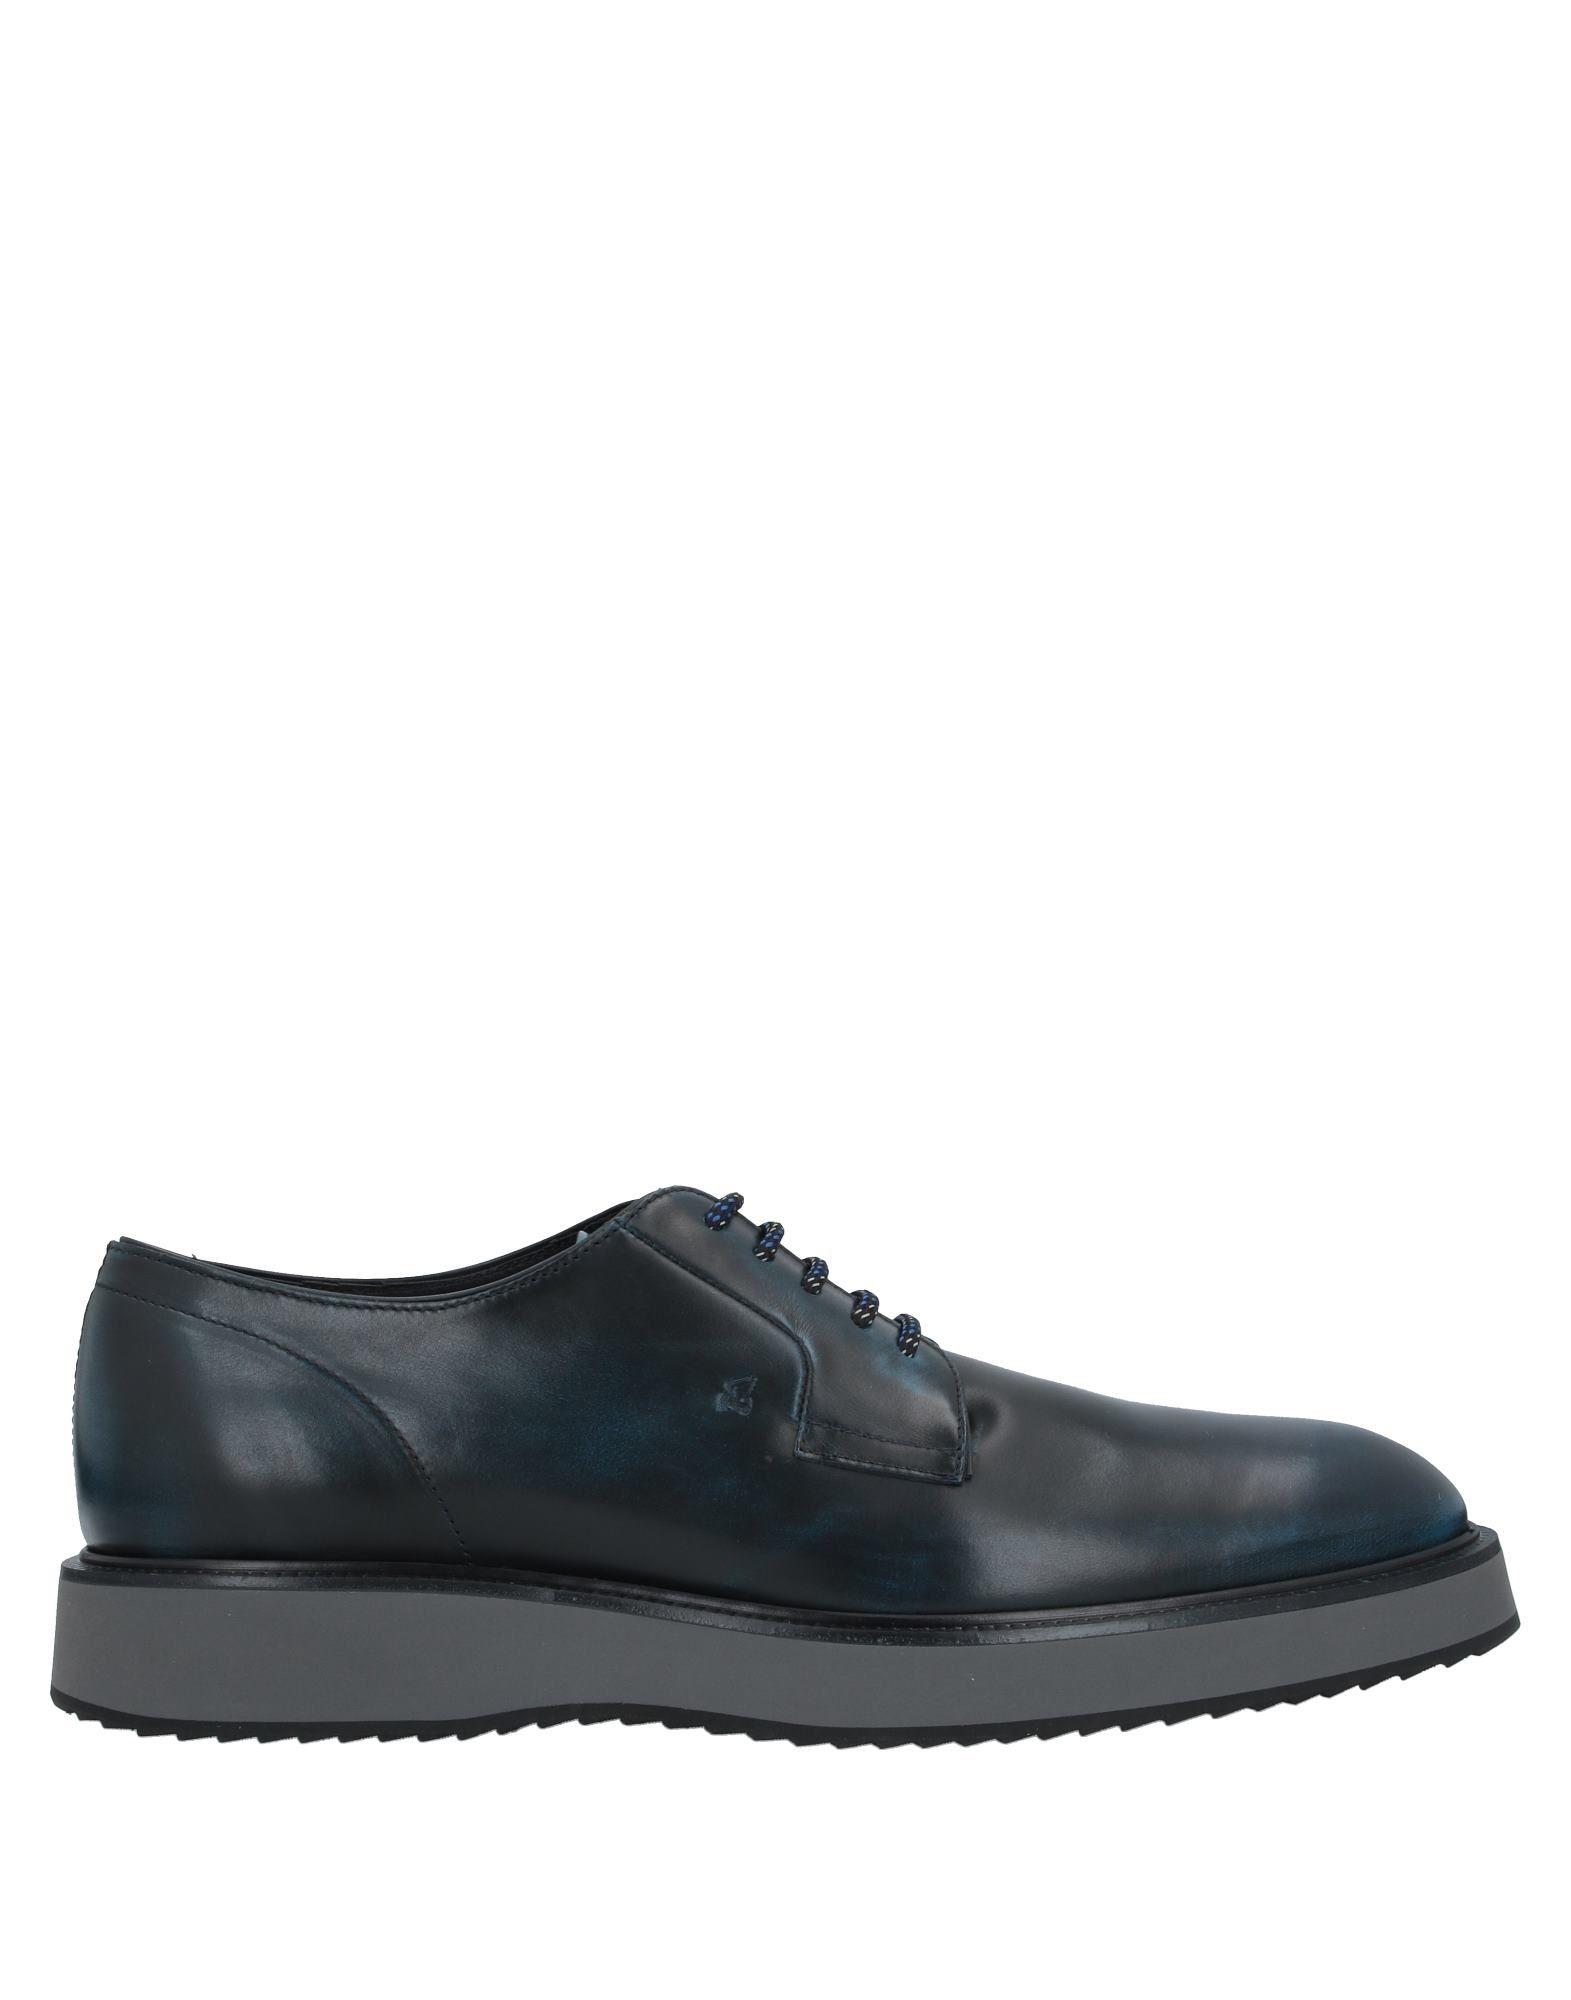 Chaussures À Lacets Hogan Homme - Chaussures À Lacets Hogan   - 11751382GR